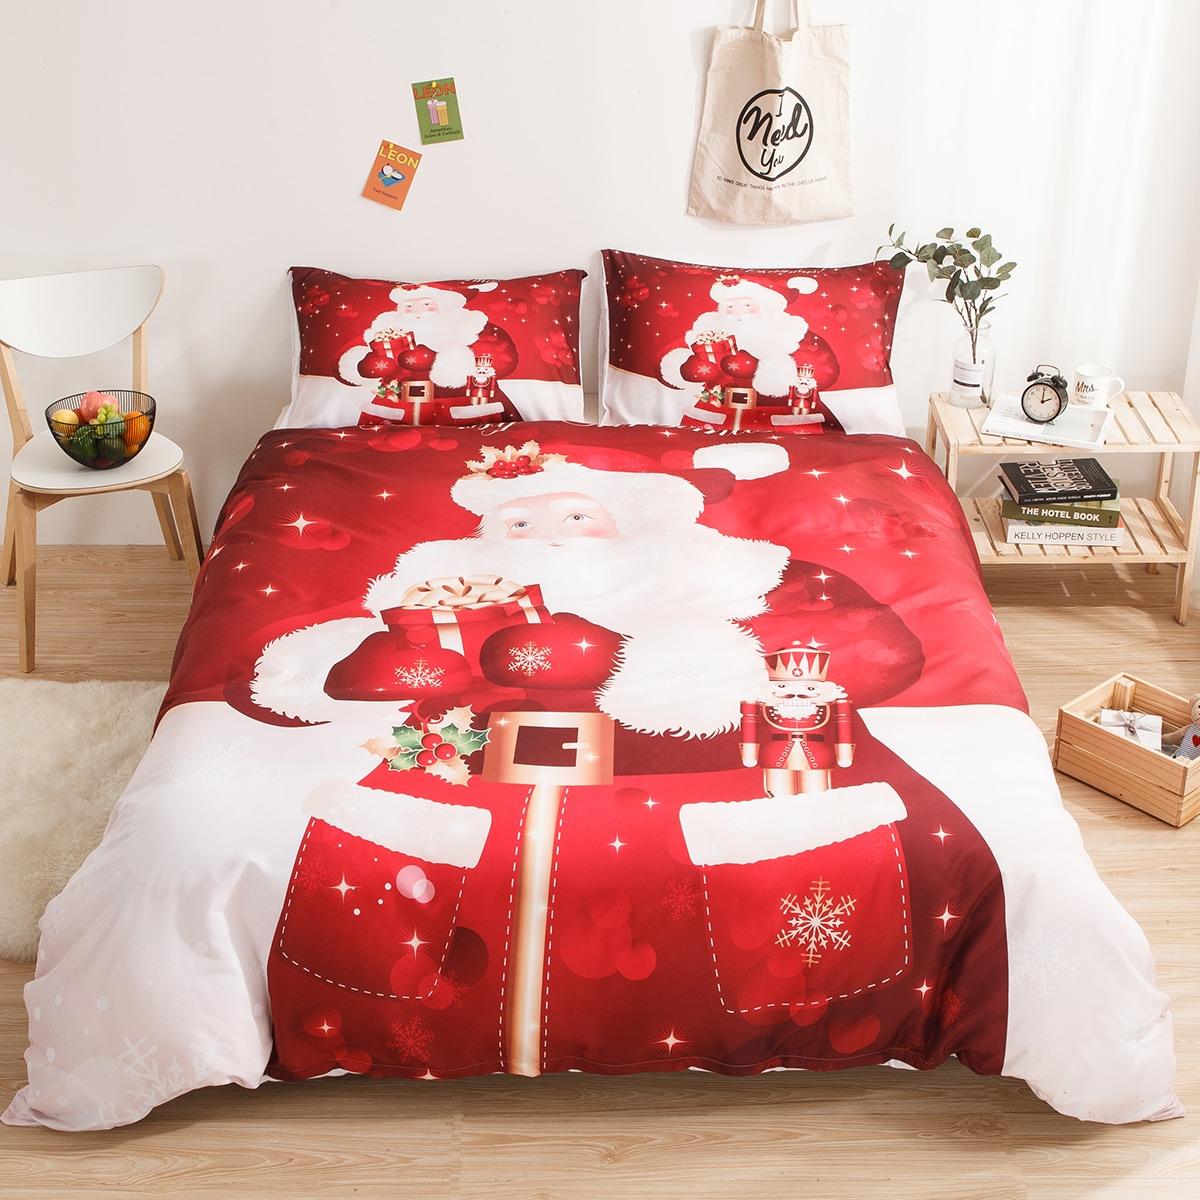 Kerst Santa Claus Print Sheet Set